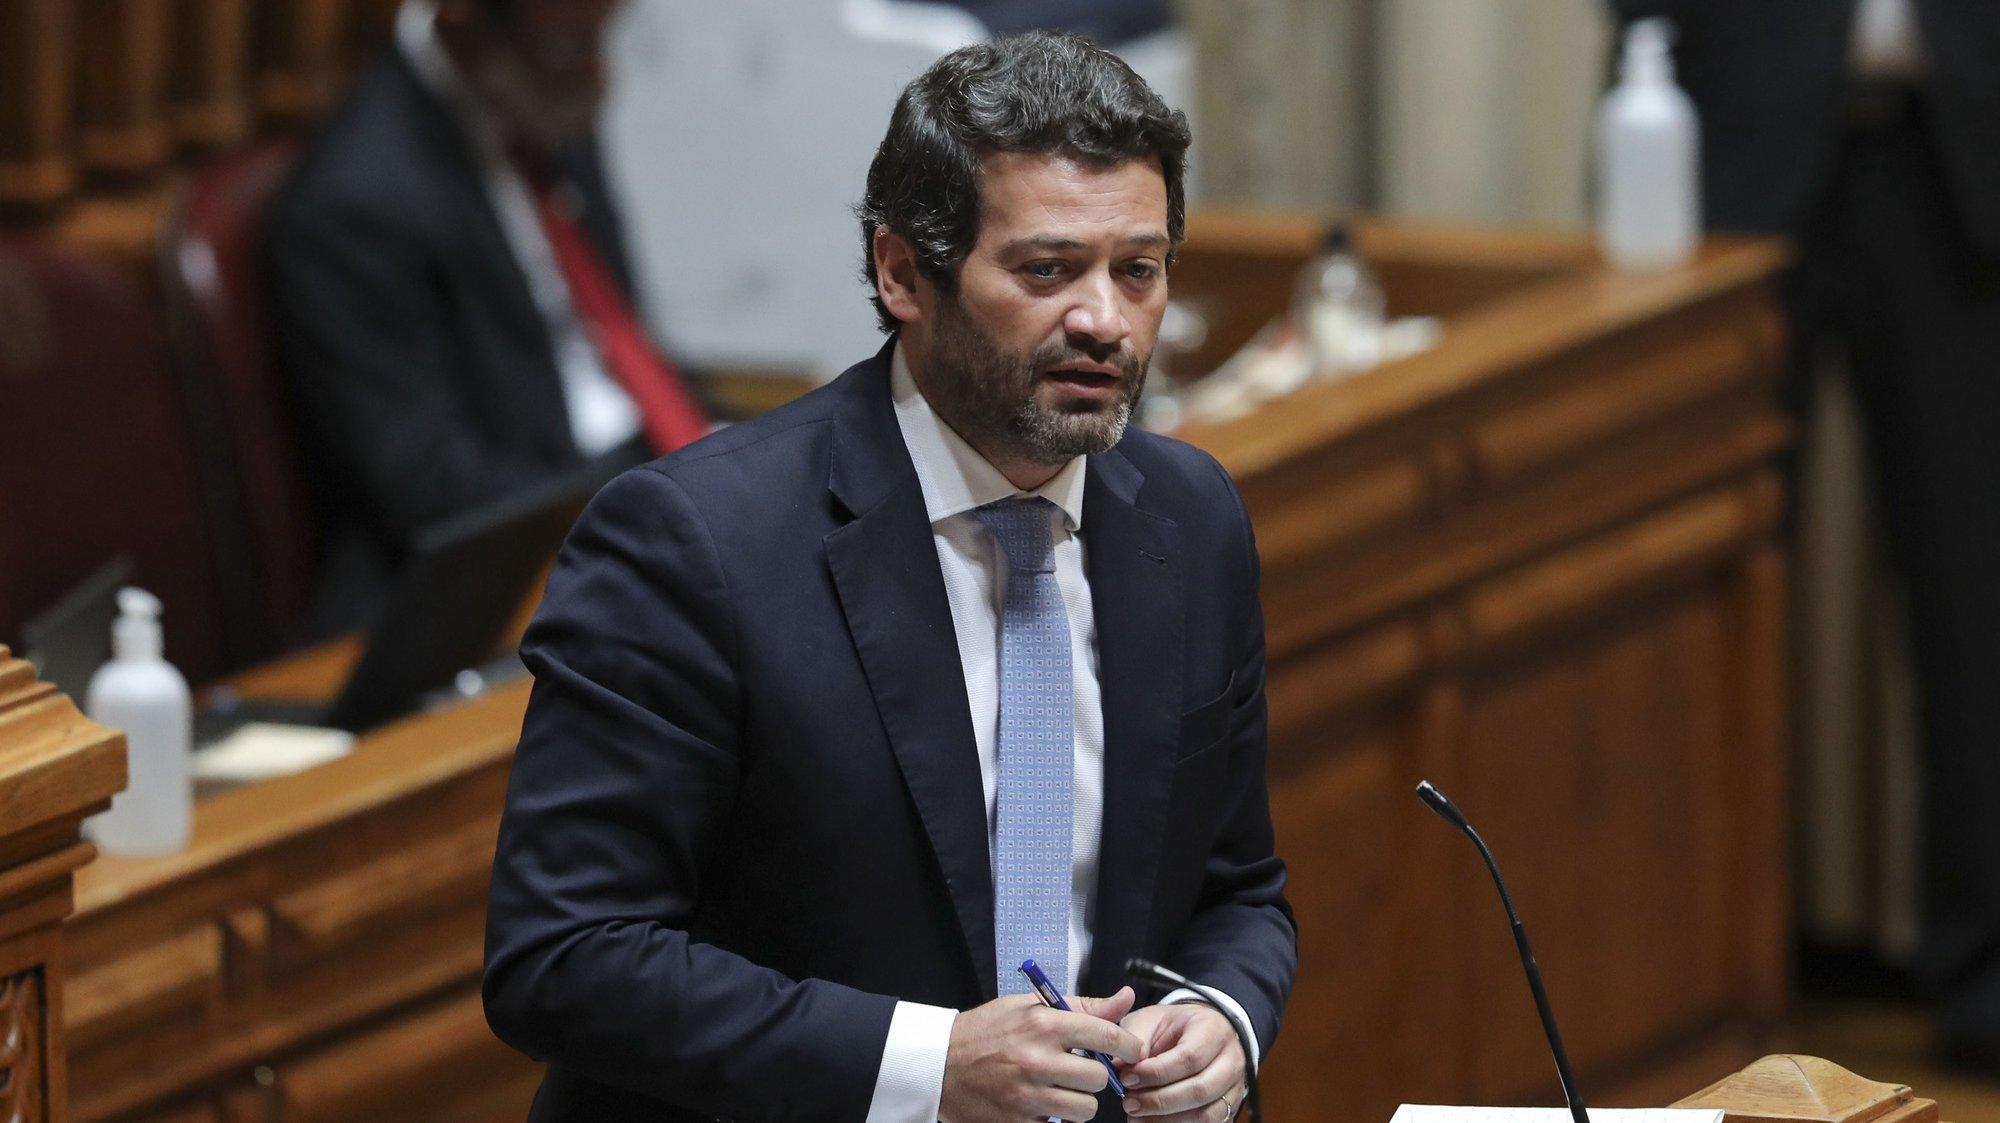 O deputado do CHEGA, André Ventura, intervém durante o primeiro debate bimestral com a presença do chefe do Governo, na Assembleia da República, em Lisboa, 12 de maio de 2021. MIGUEL A. LOPES/LUSA